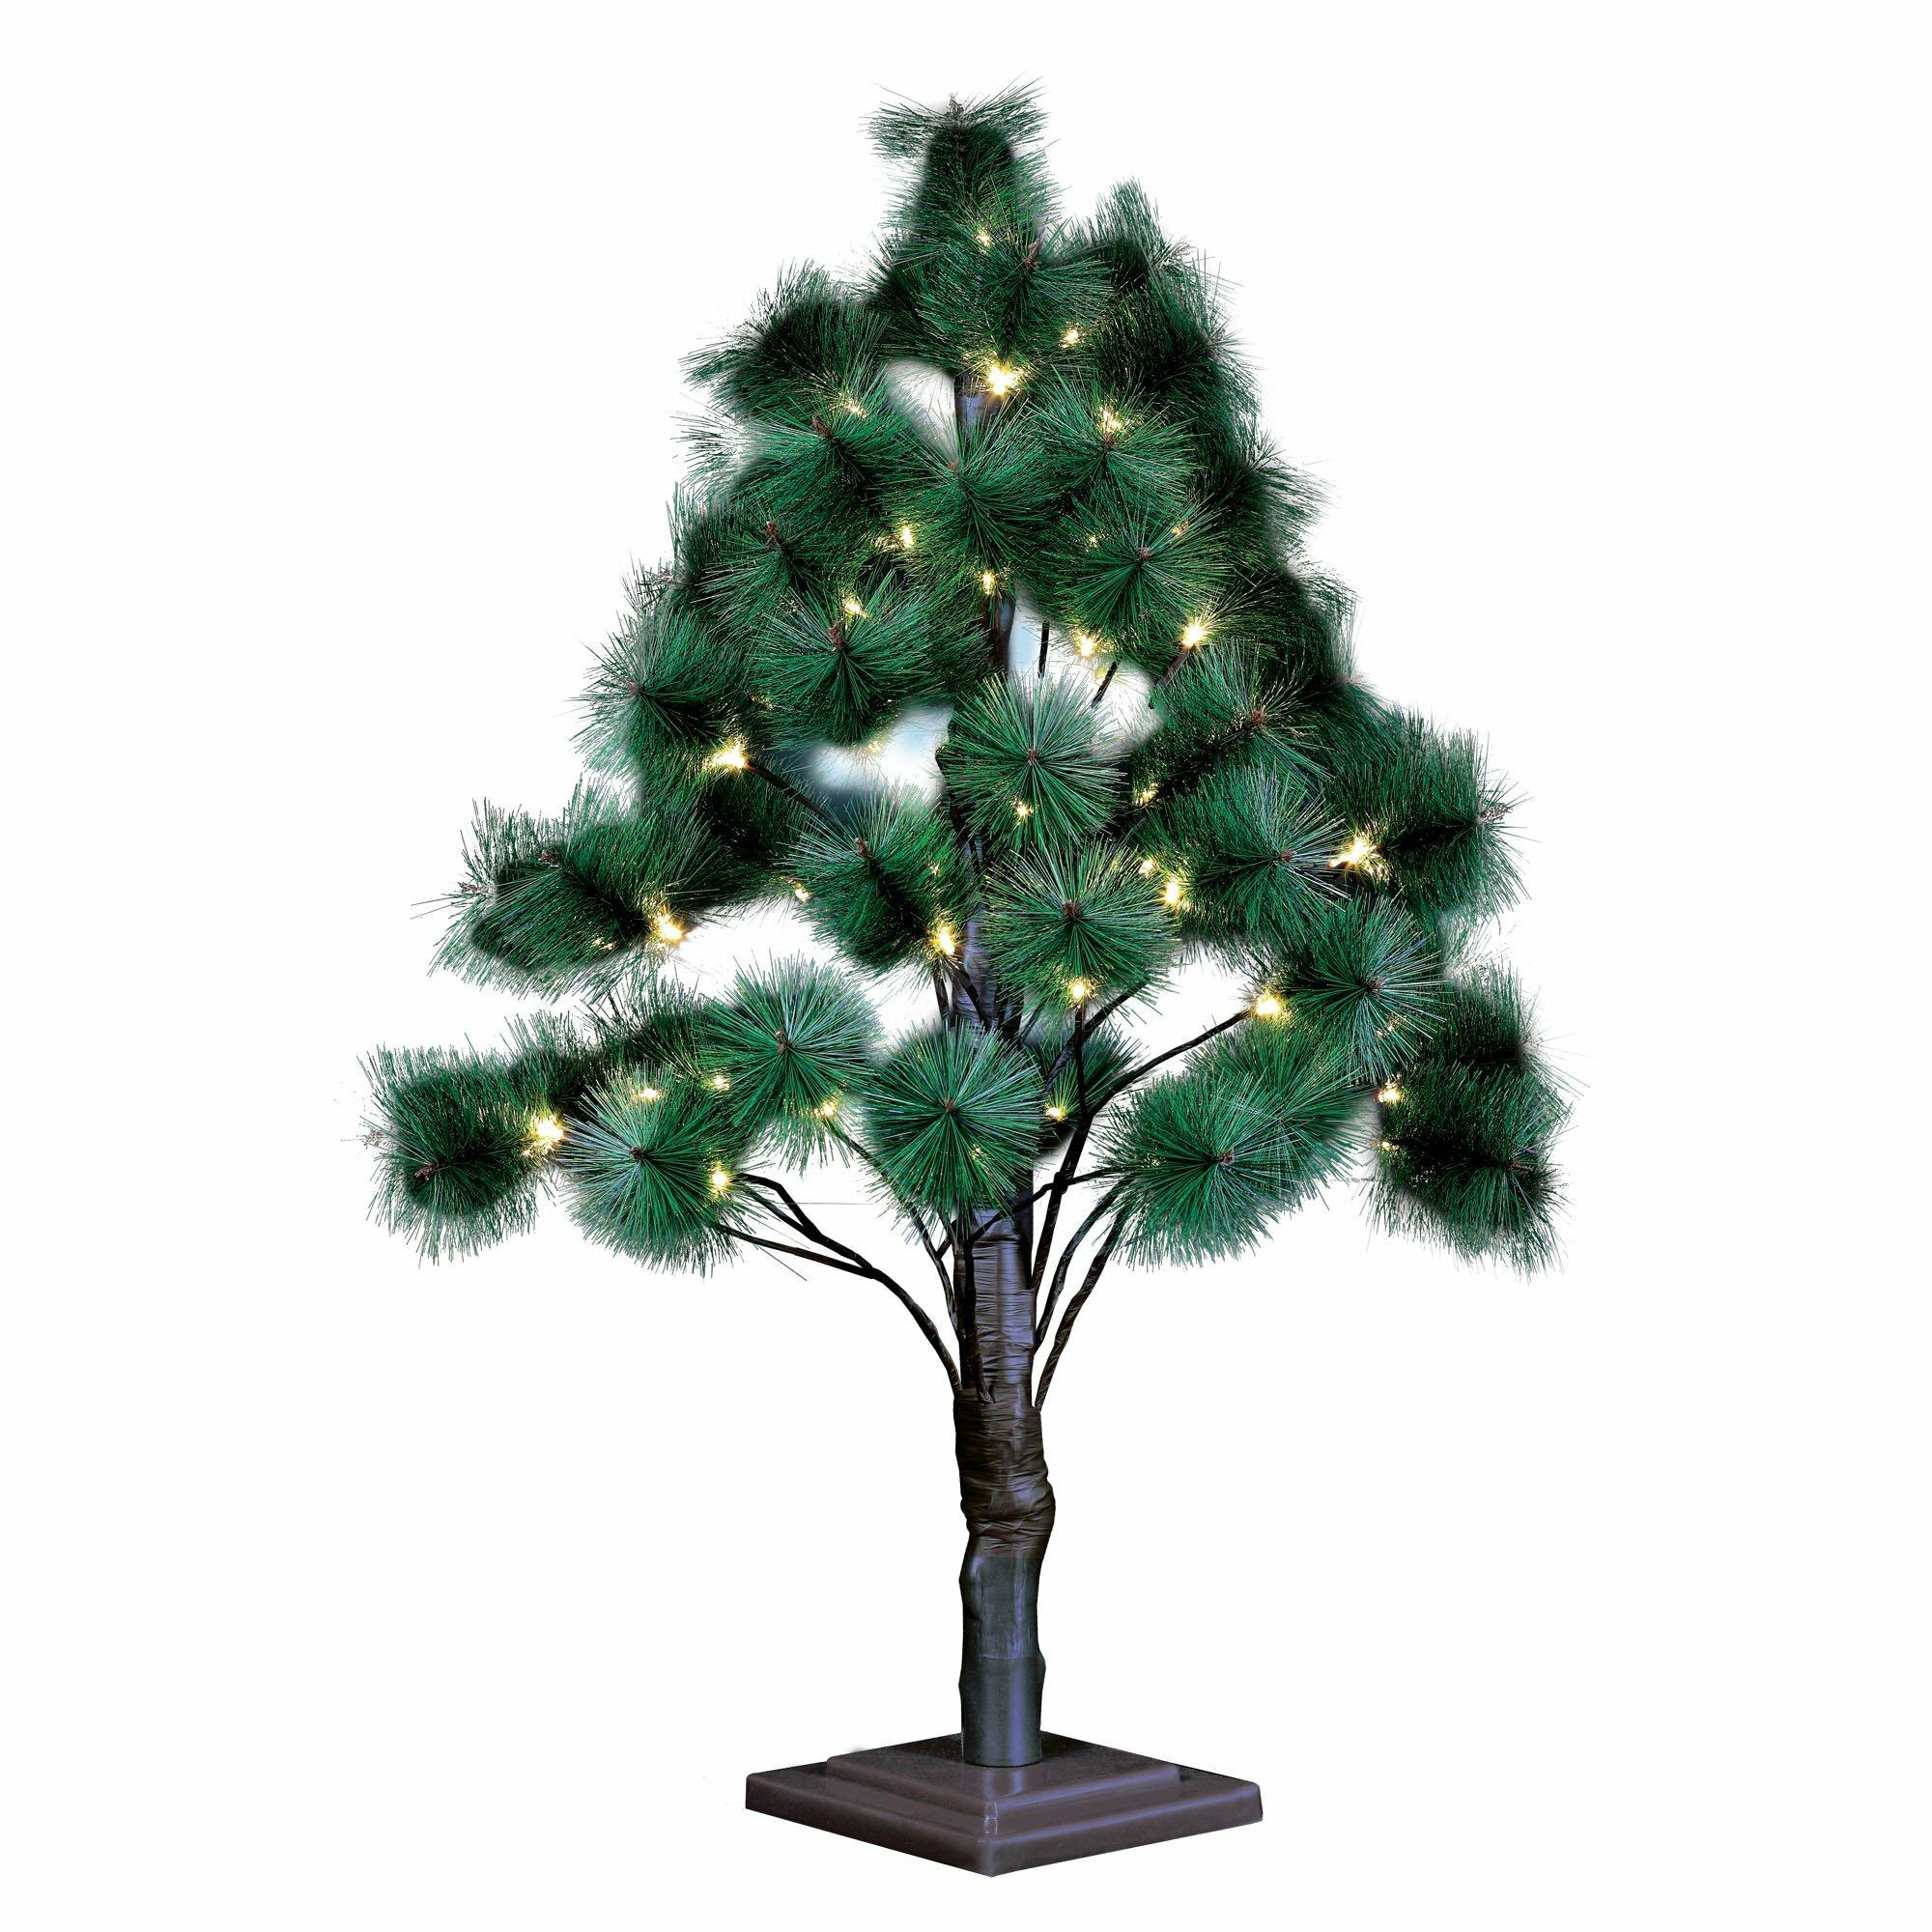 Дерево светодиодное Сосна ULD-T5090-056/SBA WARM WHITE IP20 PINE